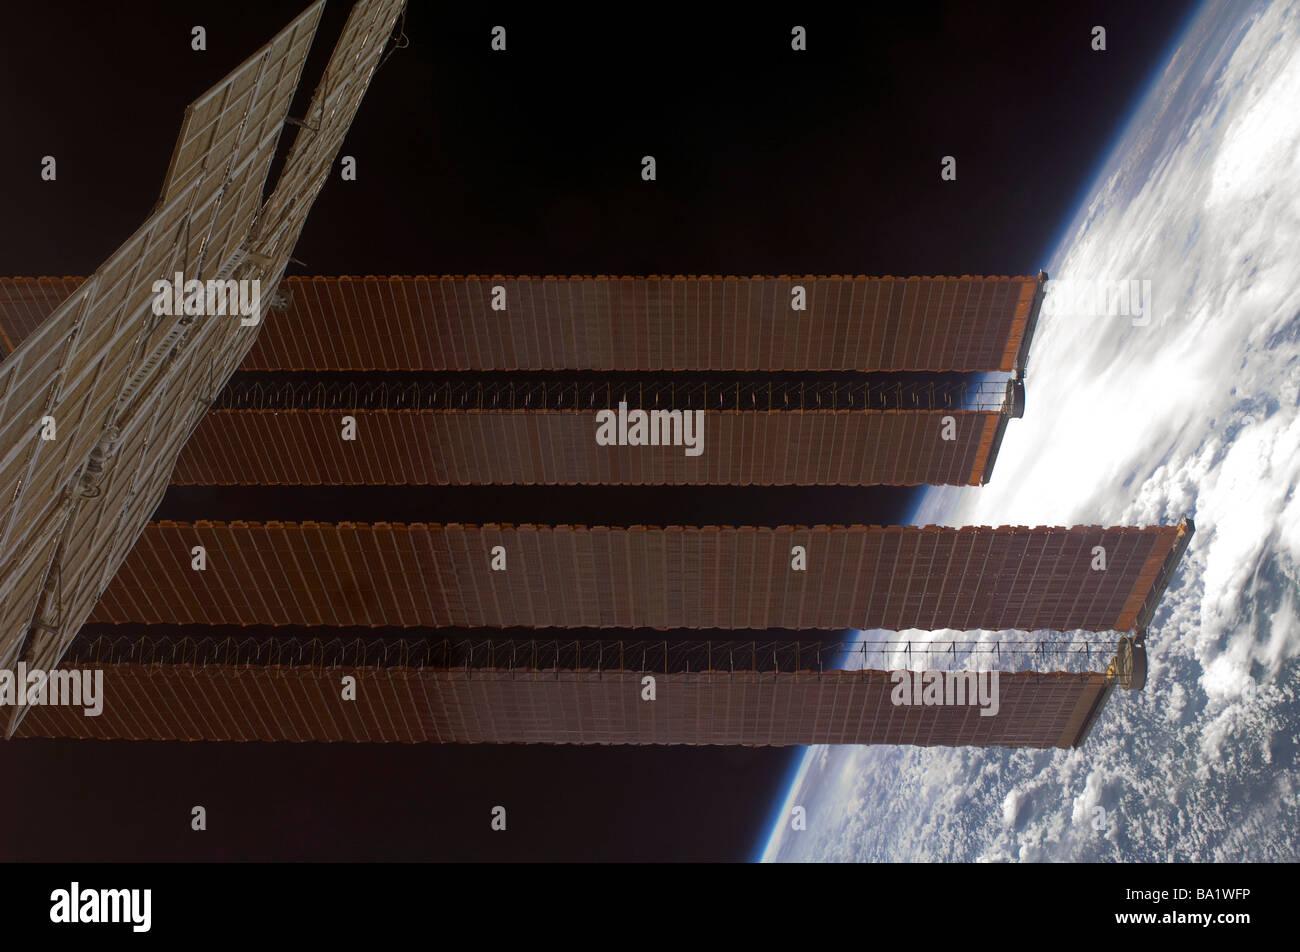 22 marzo 2009 - La Stazione Spaziale Internazionale del solare pannelli di array e la massa di orizzonte. Immagini Stock